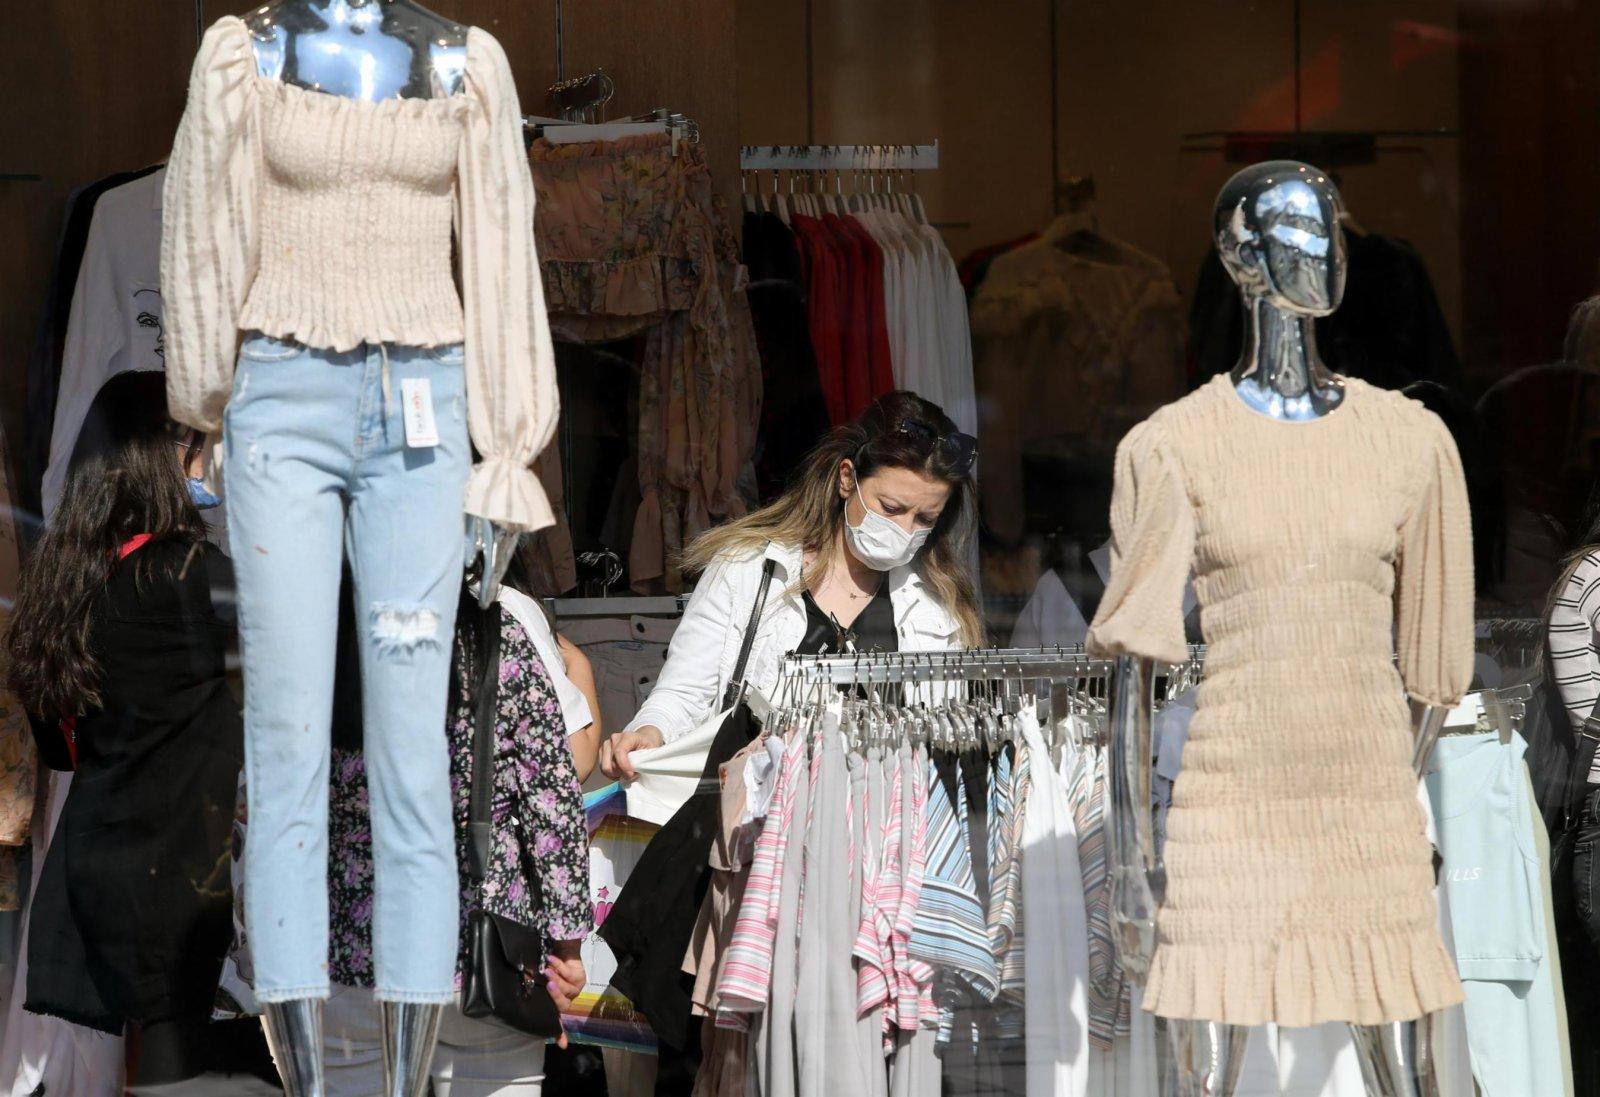 5月17日,顧客在土耳其安卡拉一家服裝店內購物。(新華社)